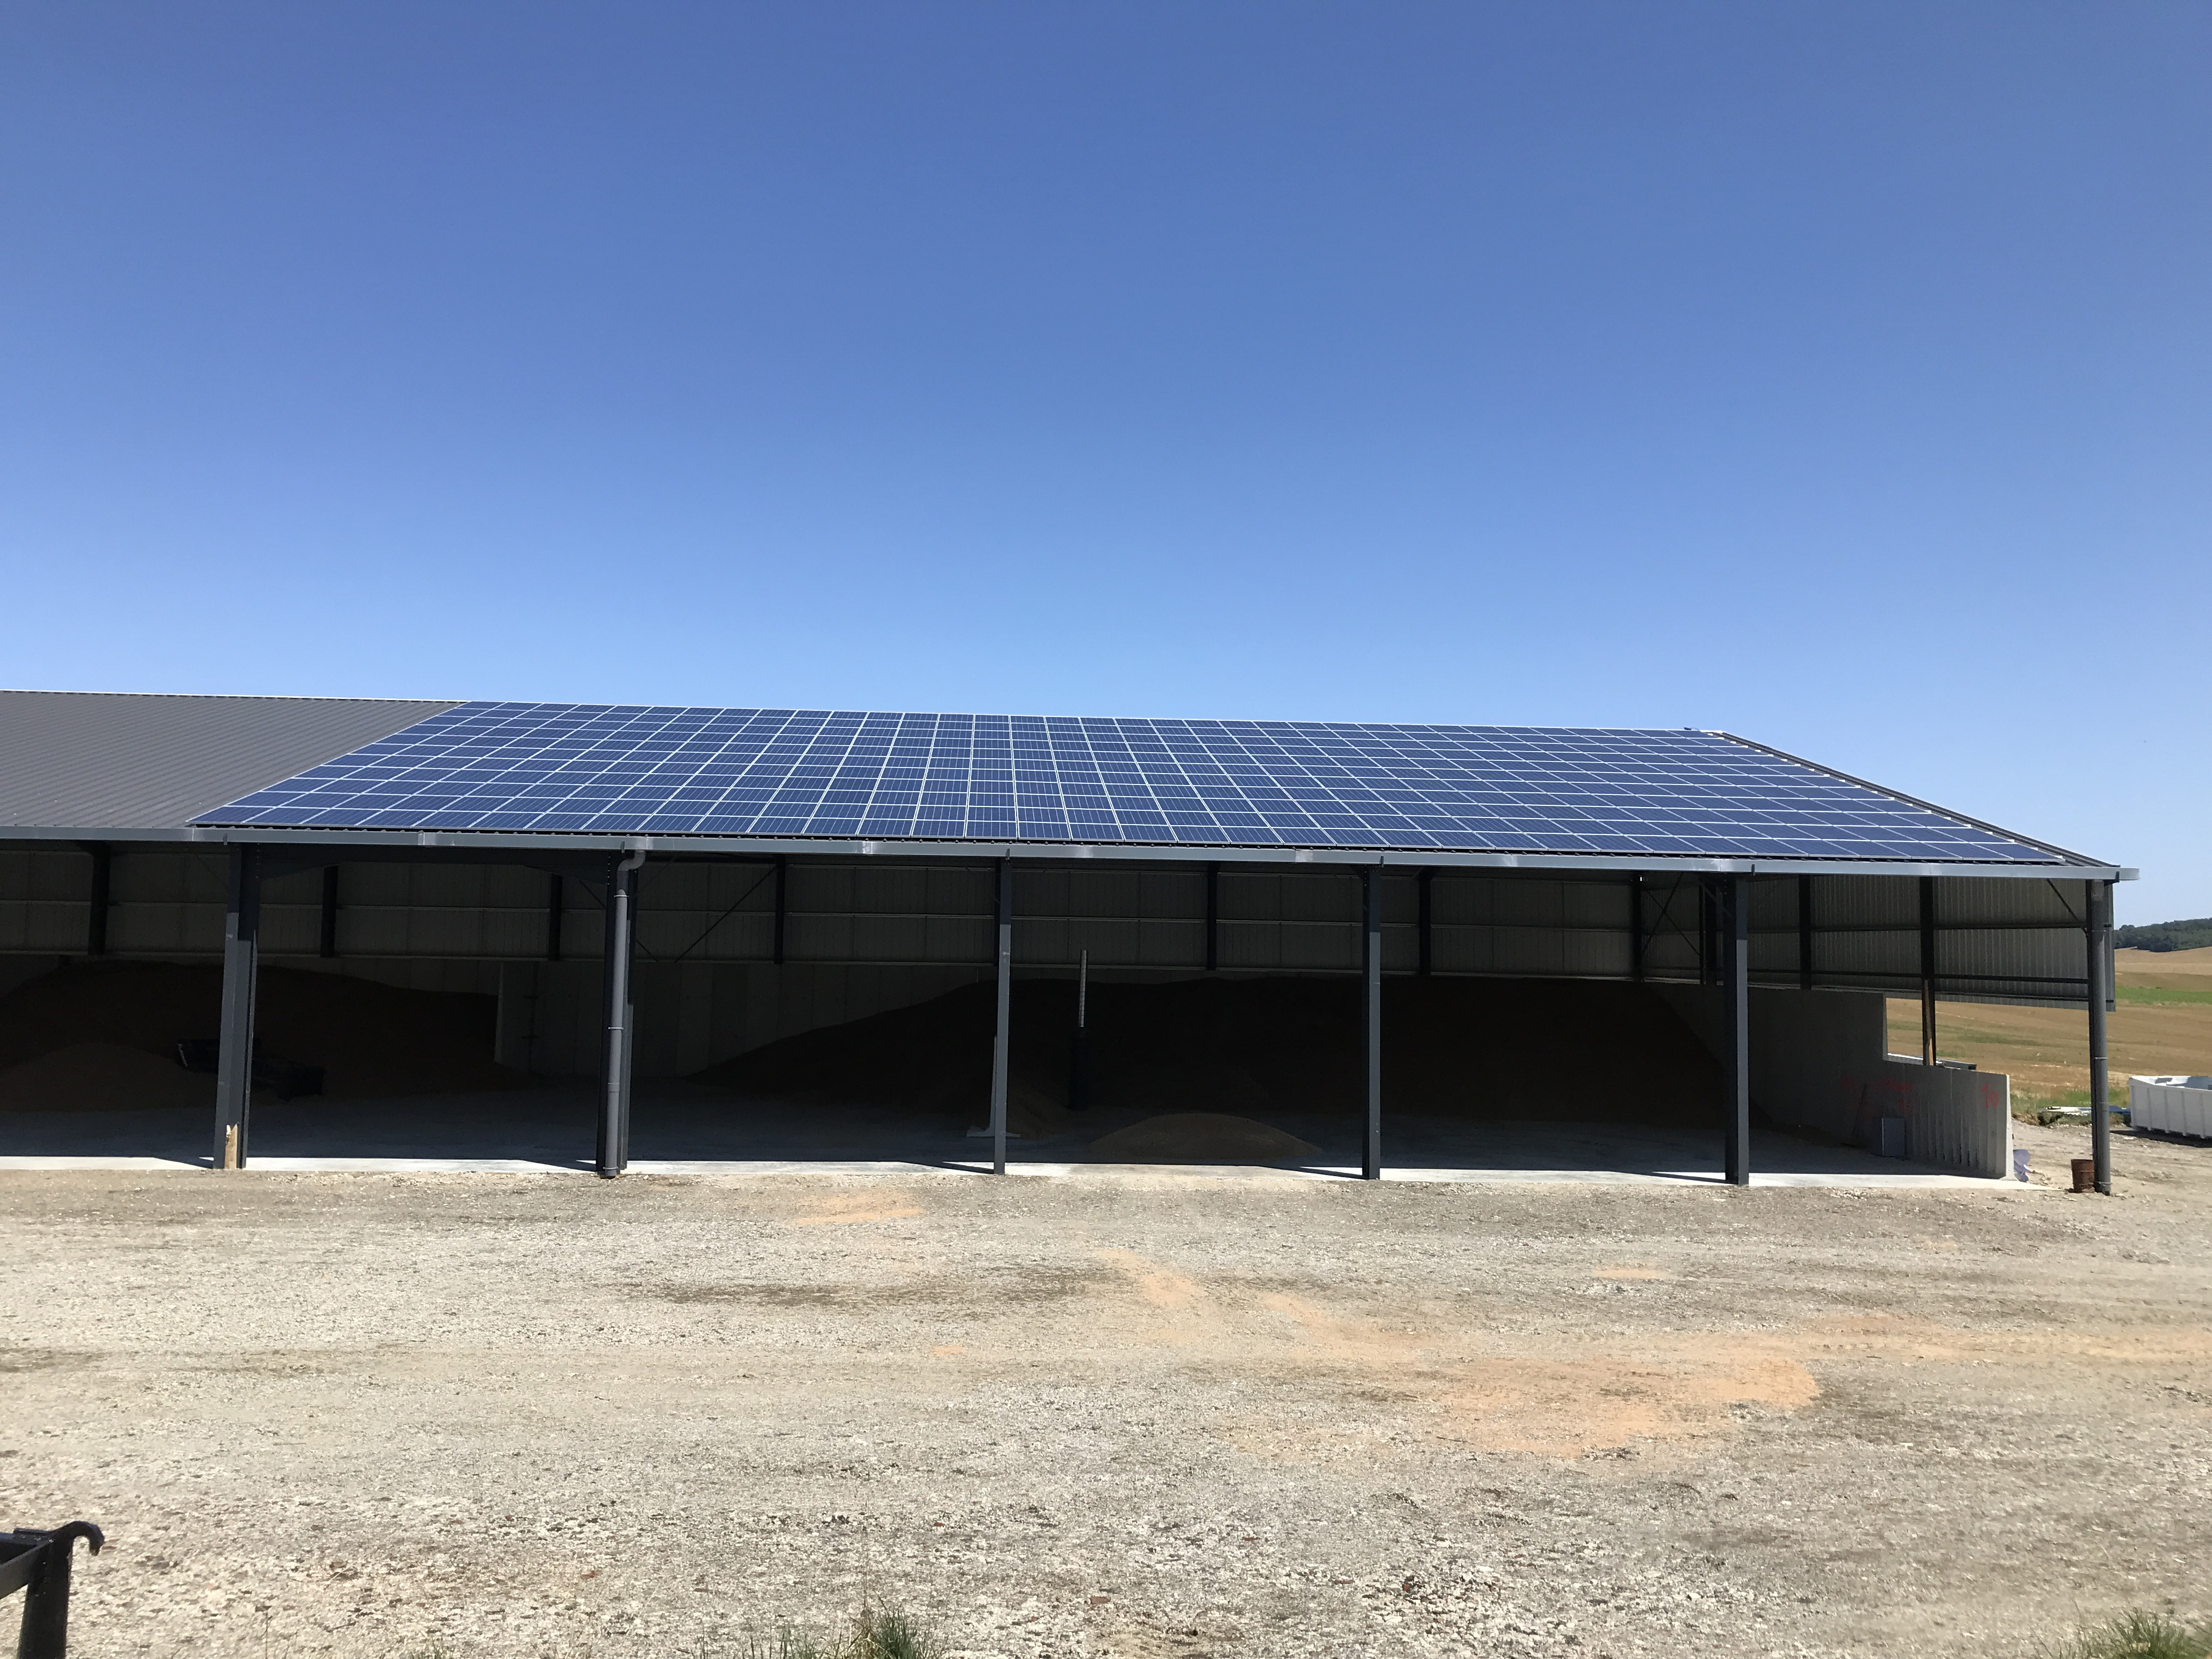 Panneau solaire Lyon, Artemis Concept installateur de panneaux solaires photovoltaïques à Lyon. Vous